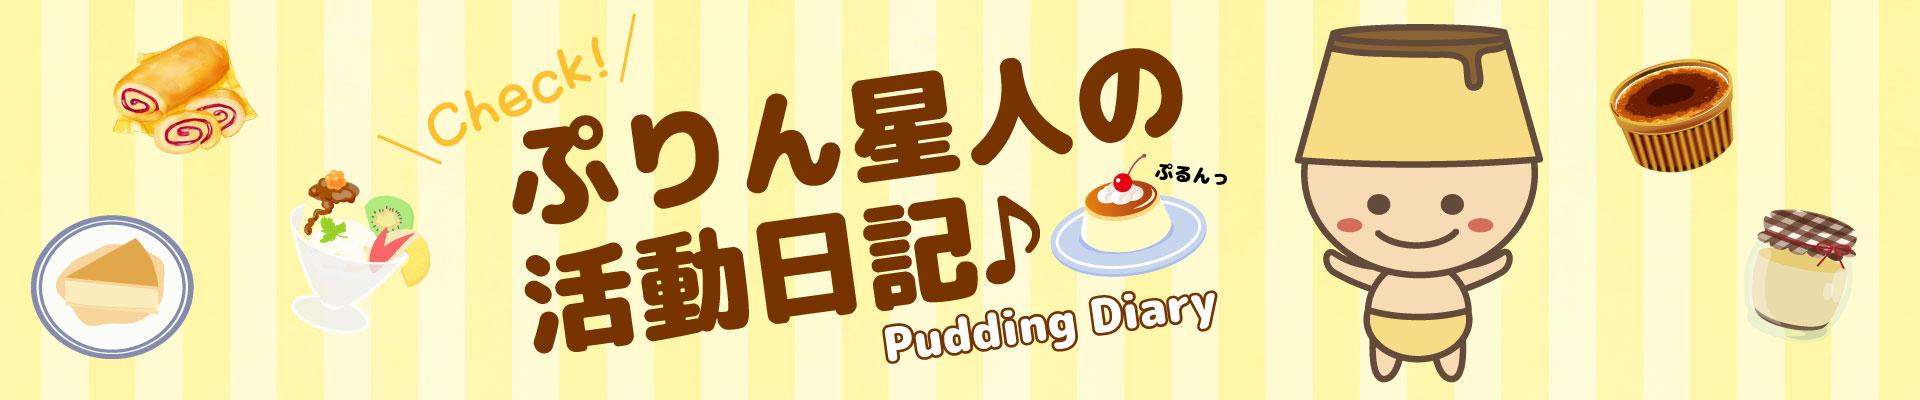 ぷりん星人の活動日記♪ 広告画像(PC用)